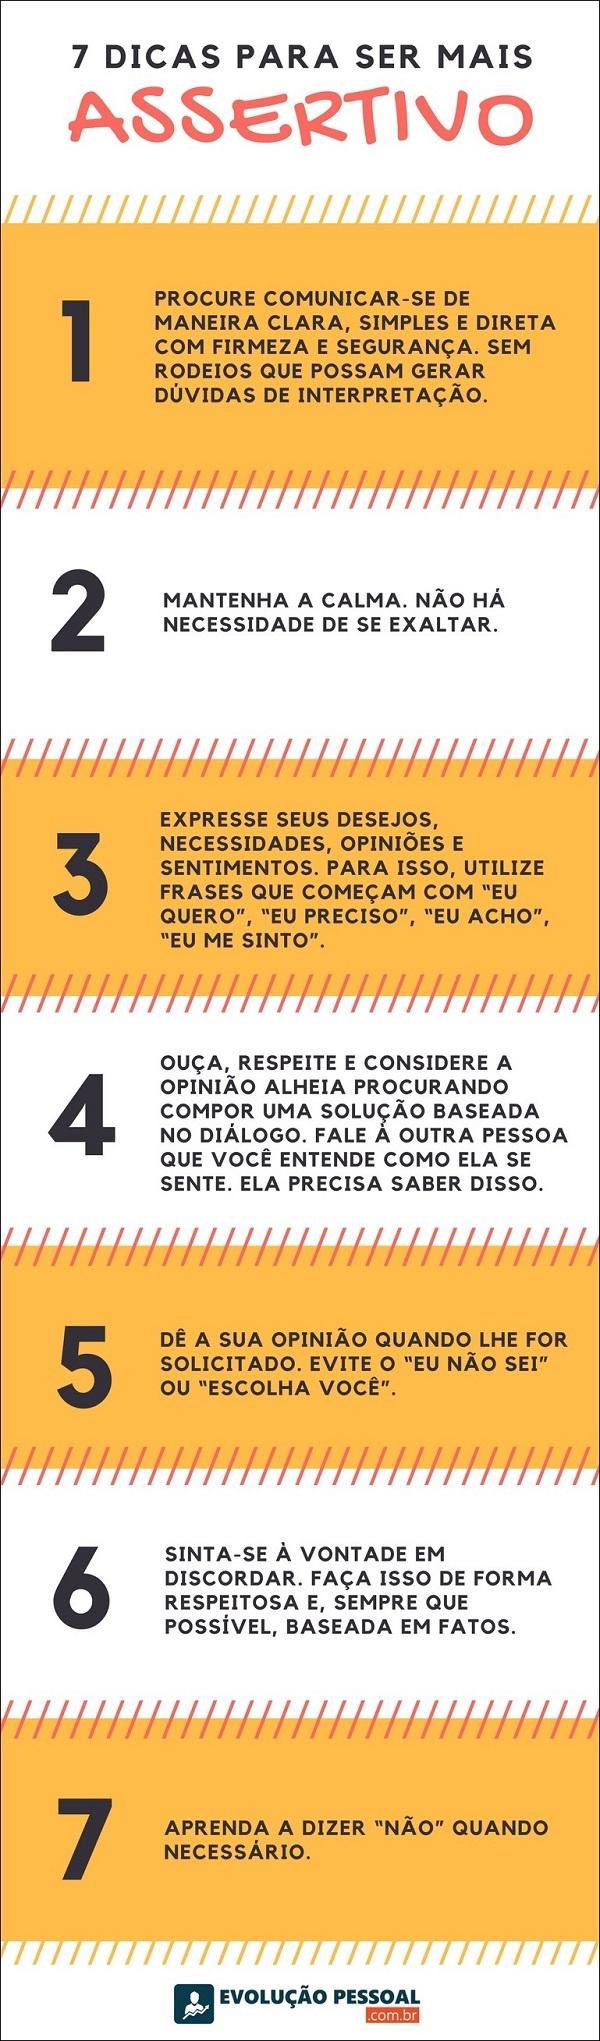 7 Dicas Para Ser Mais Assertivo